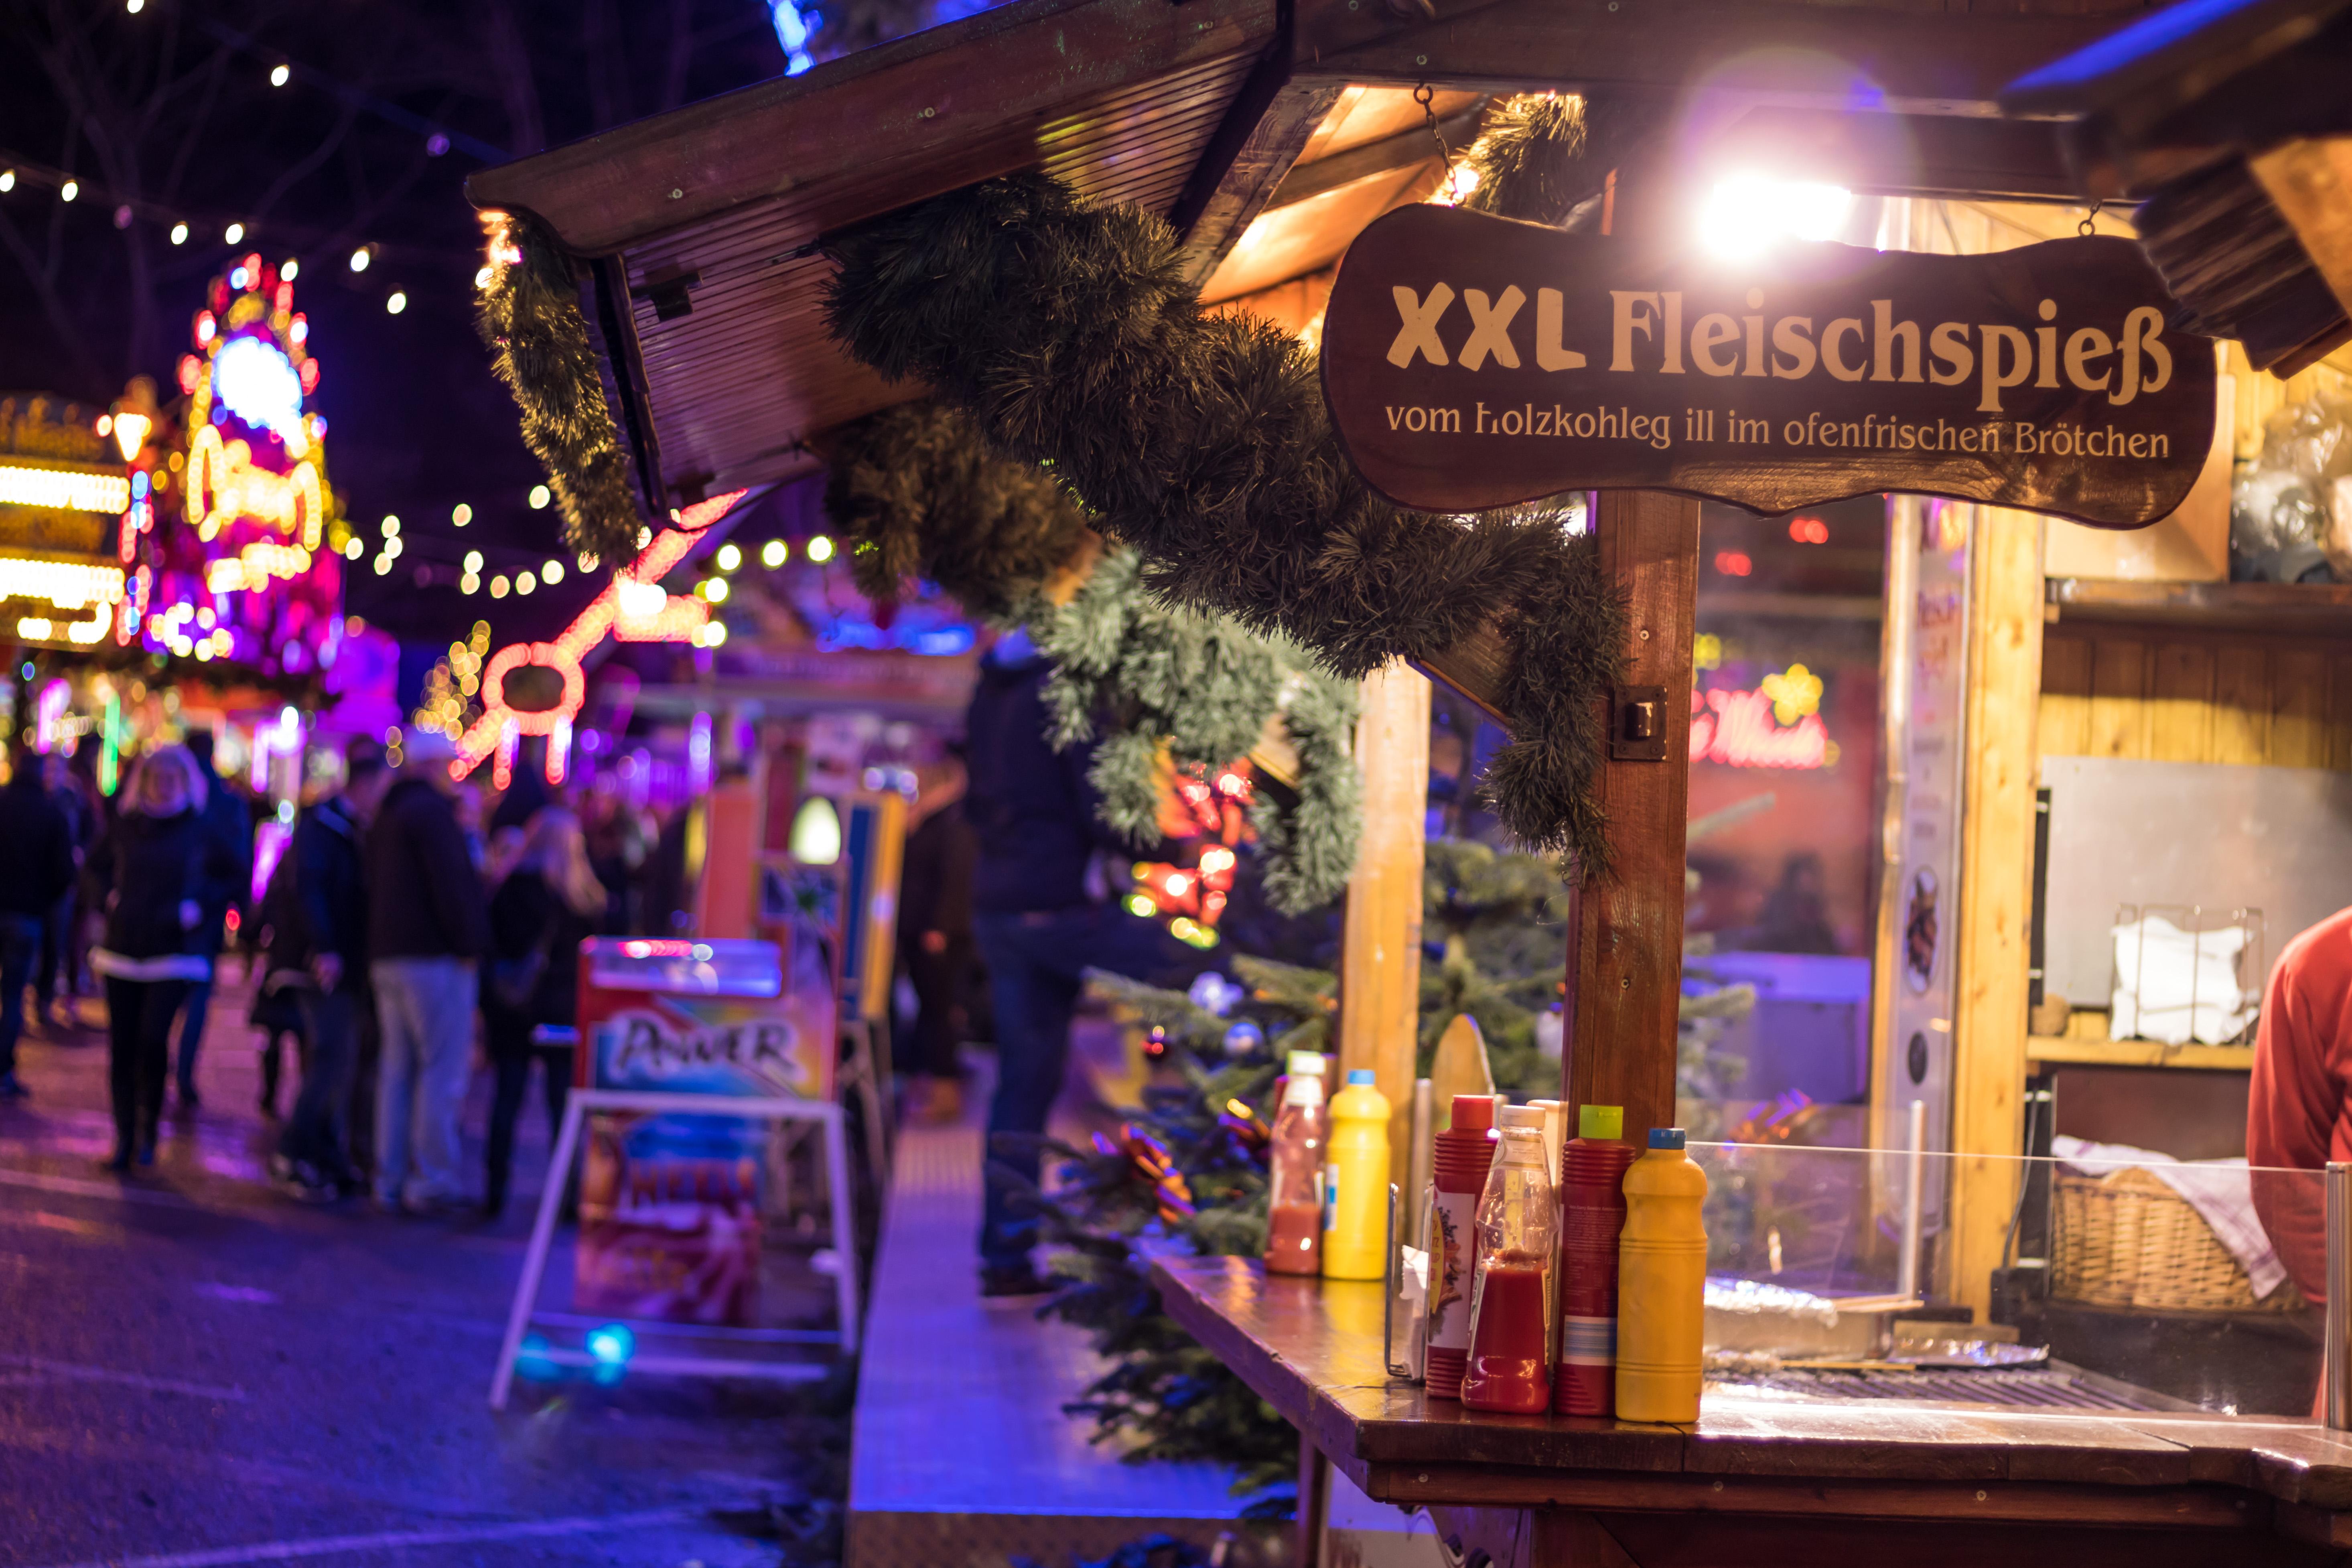 hintergrundbilder nacht deutschland bar weihnachten. Black Bedroom Furniture Sets. Home Design Ideas